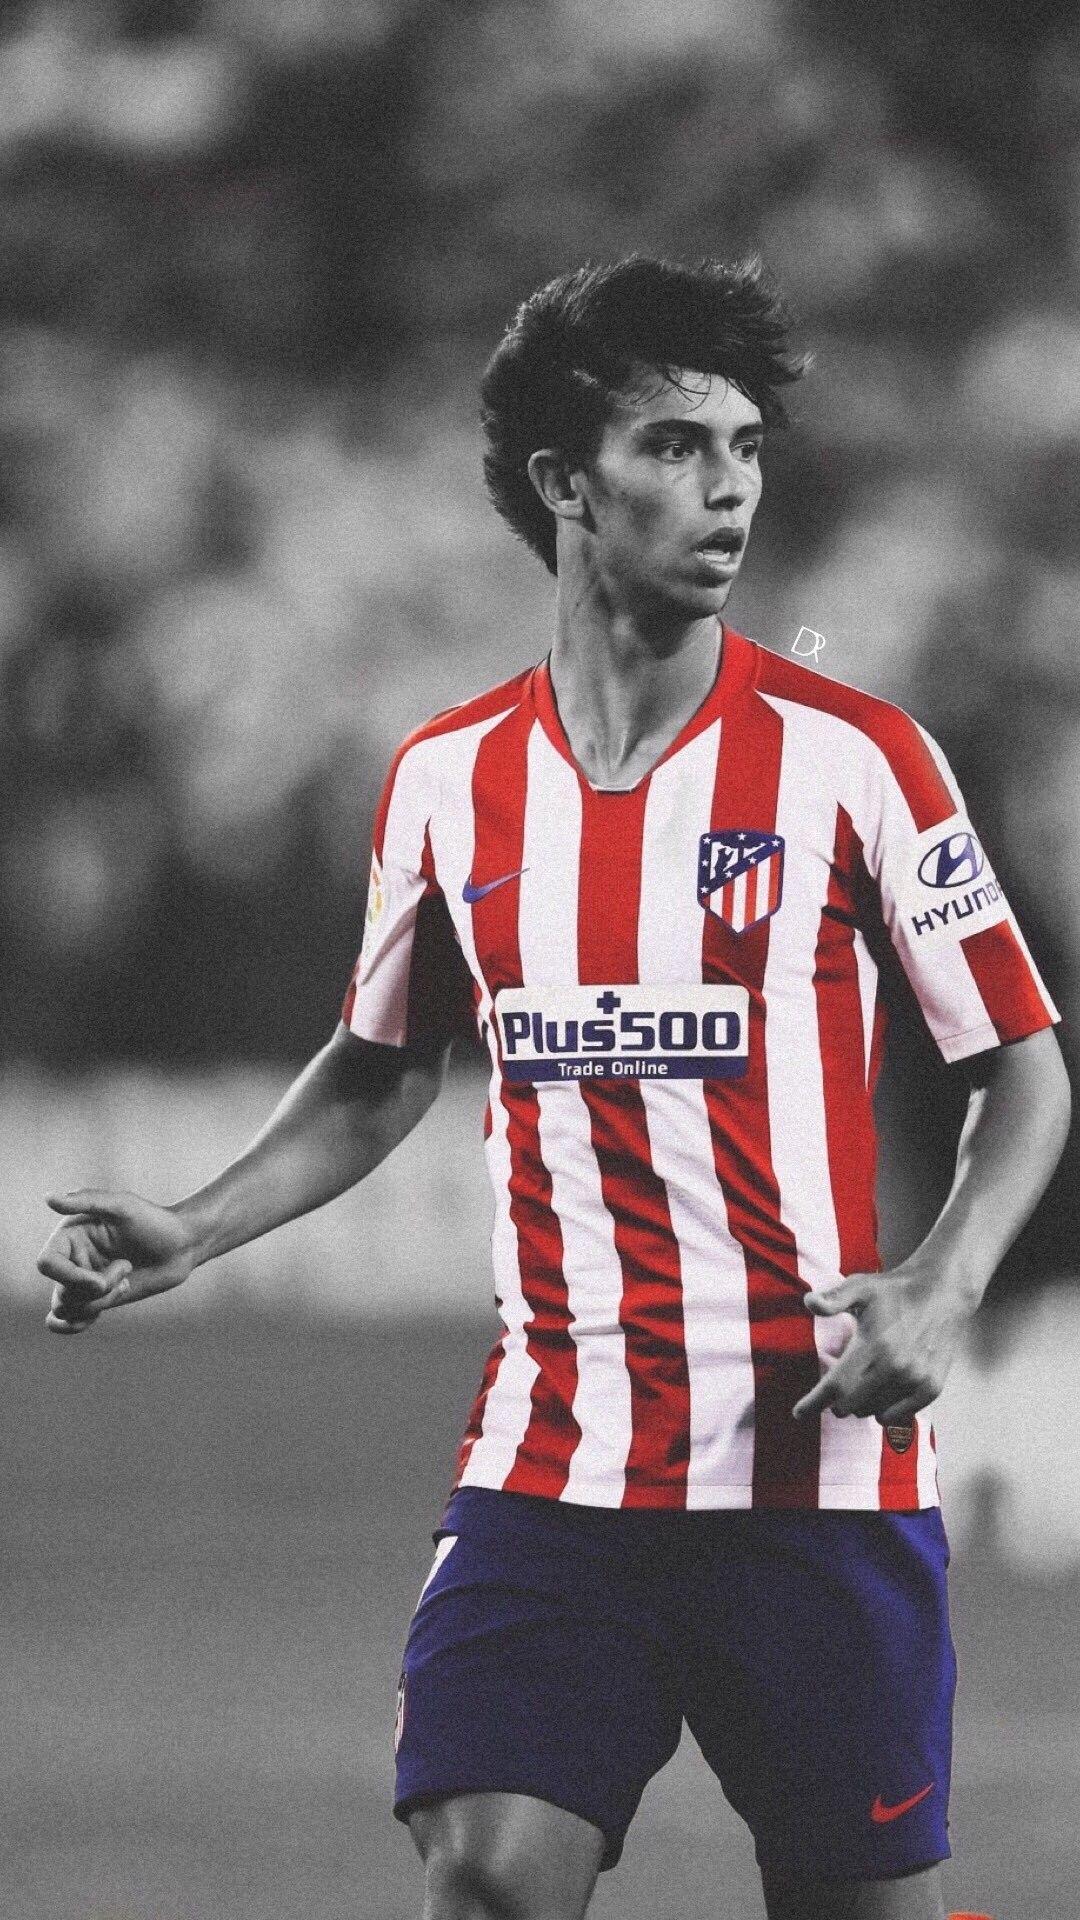 Pin De Ian Em Football Atletico De Madri Fotos De Futebol Imagens De Futebol